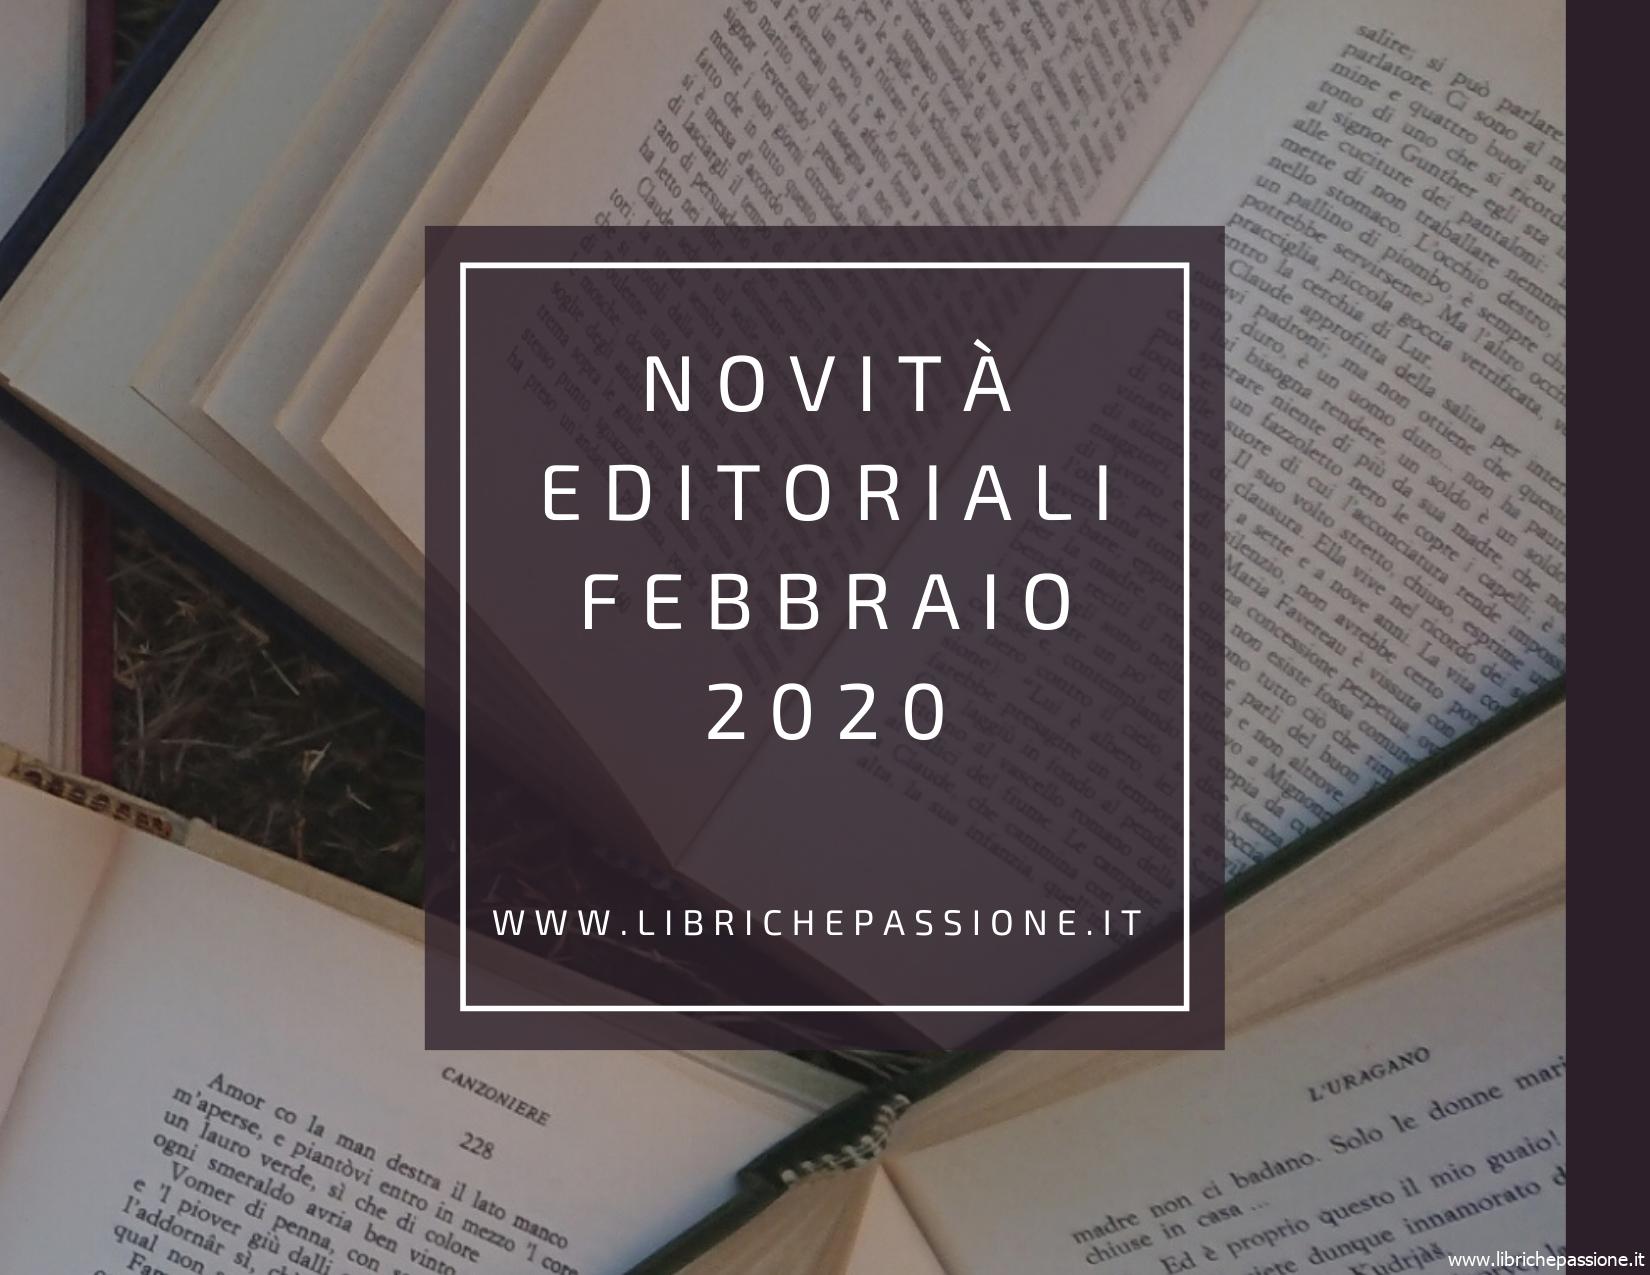 Novità in libreria Febbraio 2020